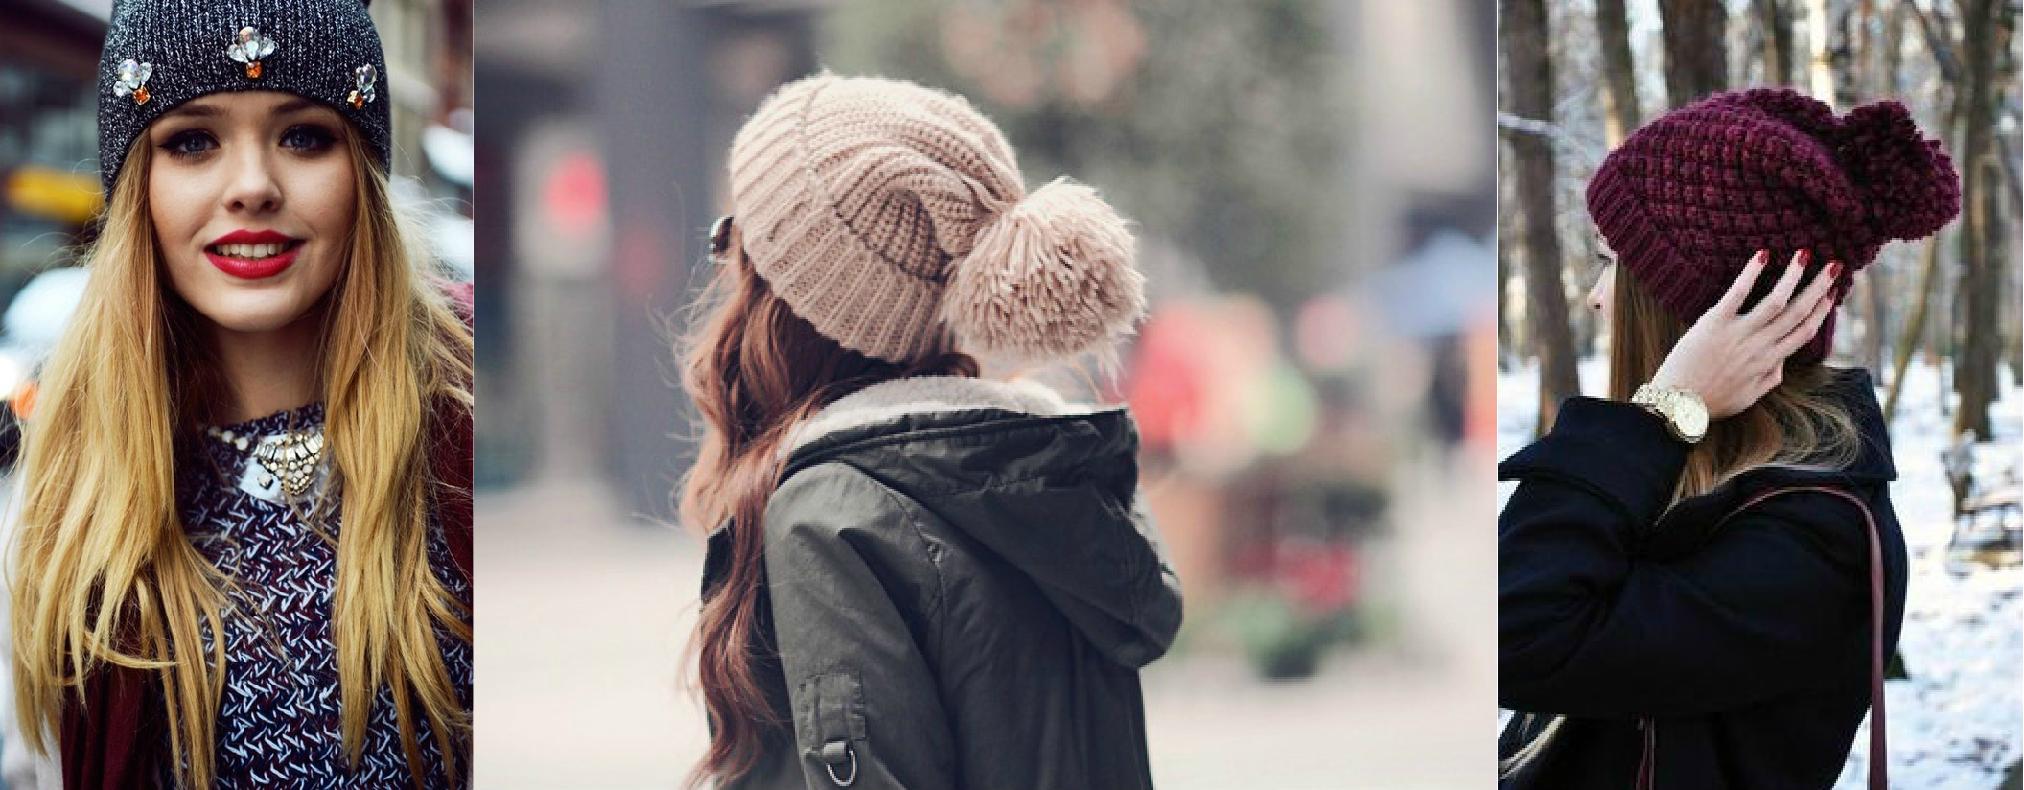 7714f92eaa09f Mas para ficar fashion e quentinha nesse inverno não dá pra usar aquelas  toucas que parecem ...